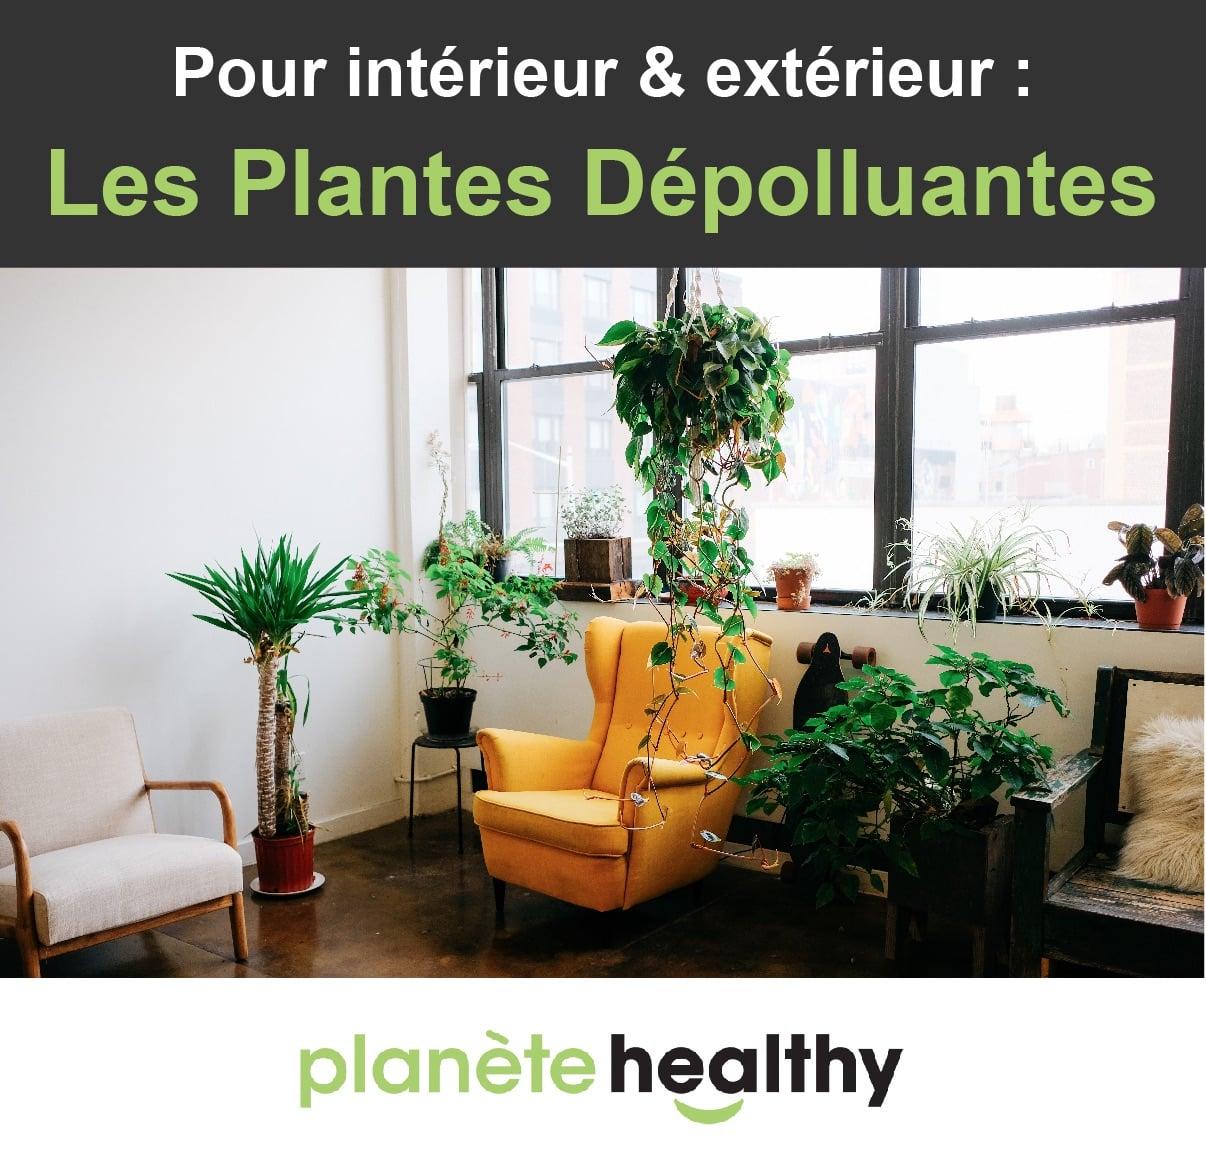 Plante Exterieur Qui Aime L Eau 45 plantes dépolluantes (intérieur & extérieur)